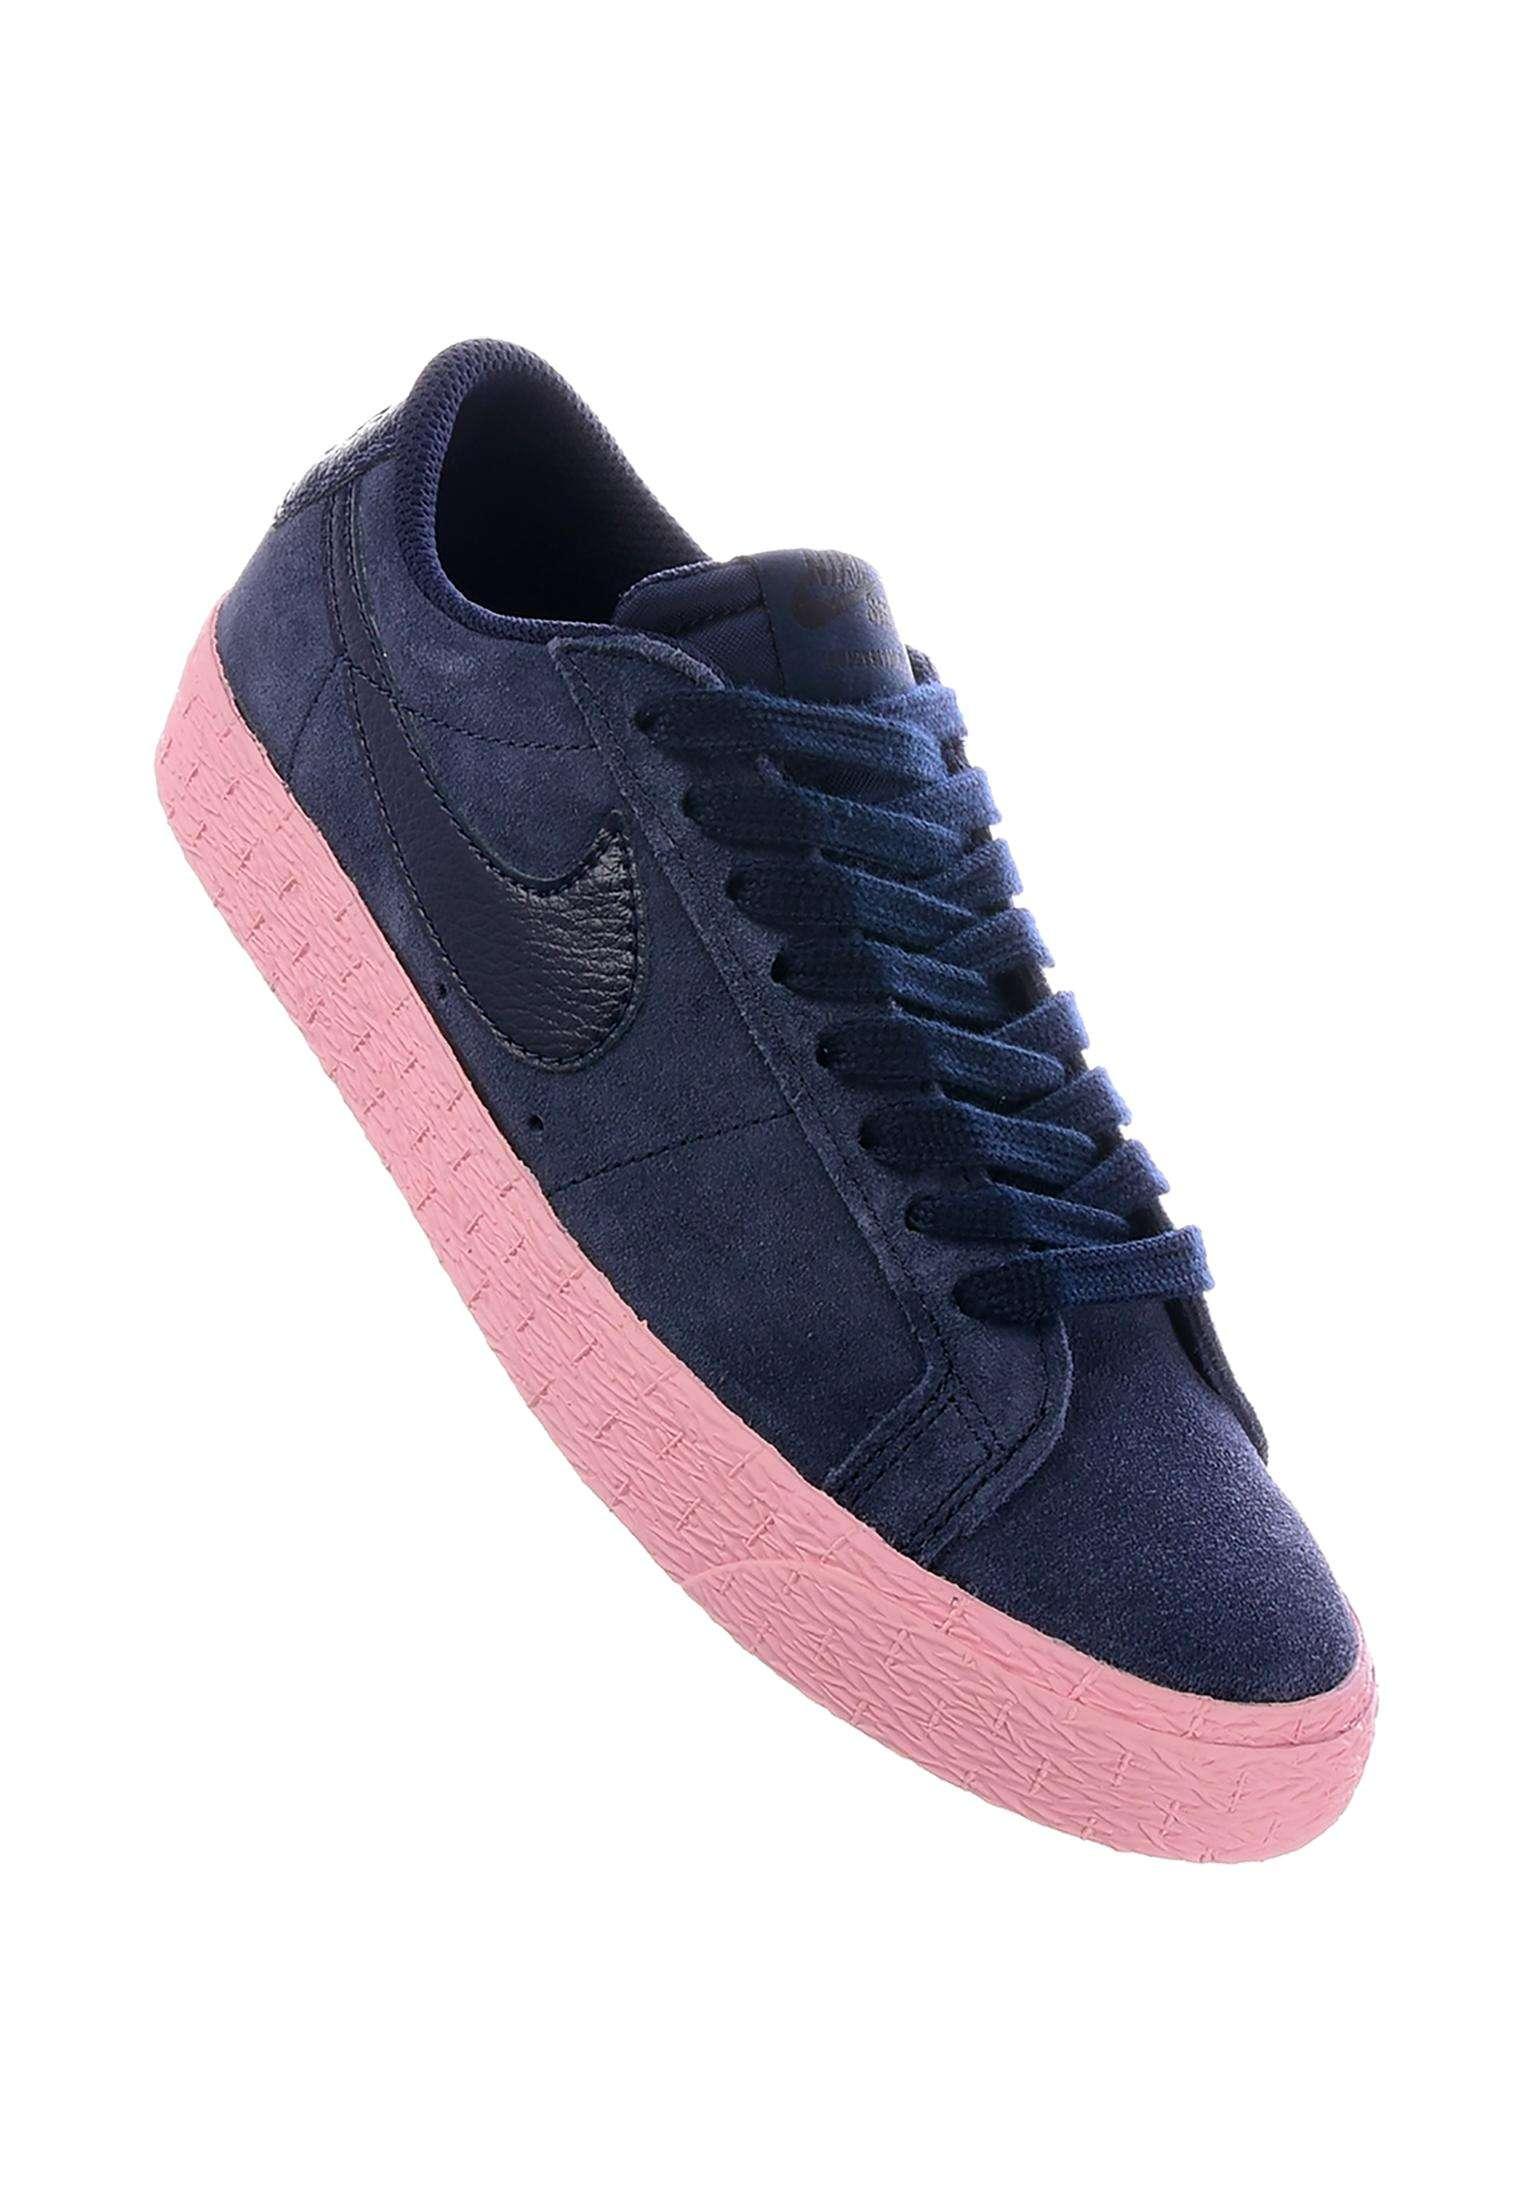 Zoom Blazer Low Nike SB All Shoes in obsidian-obsidian-bubblegum for Women   867aa2e5c